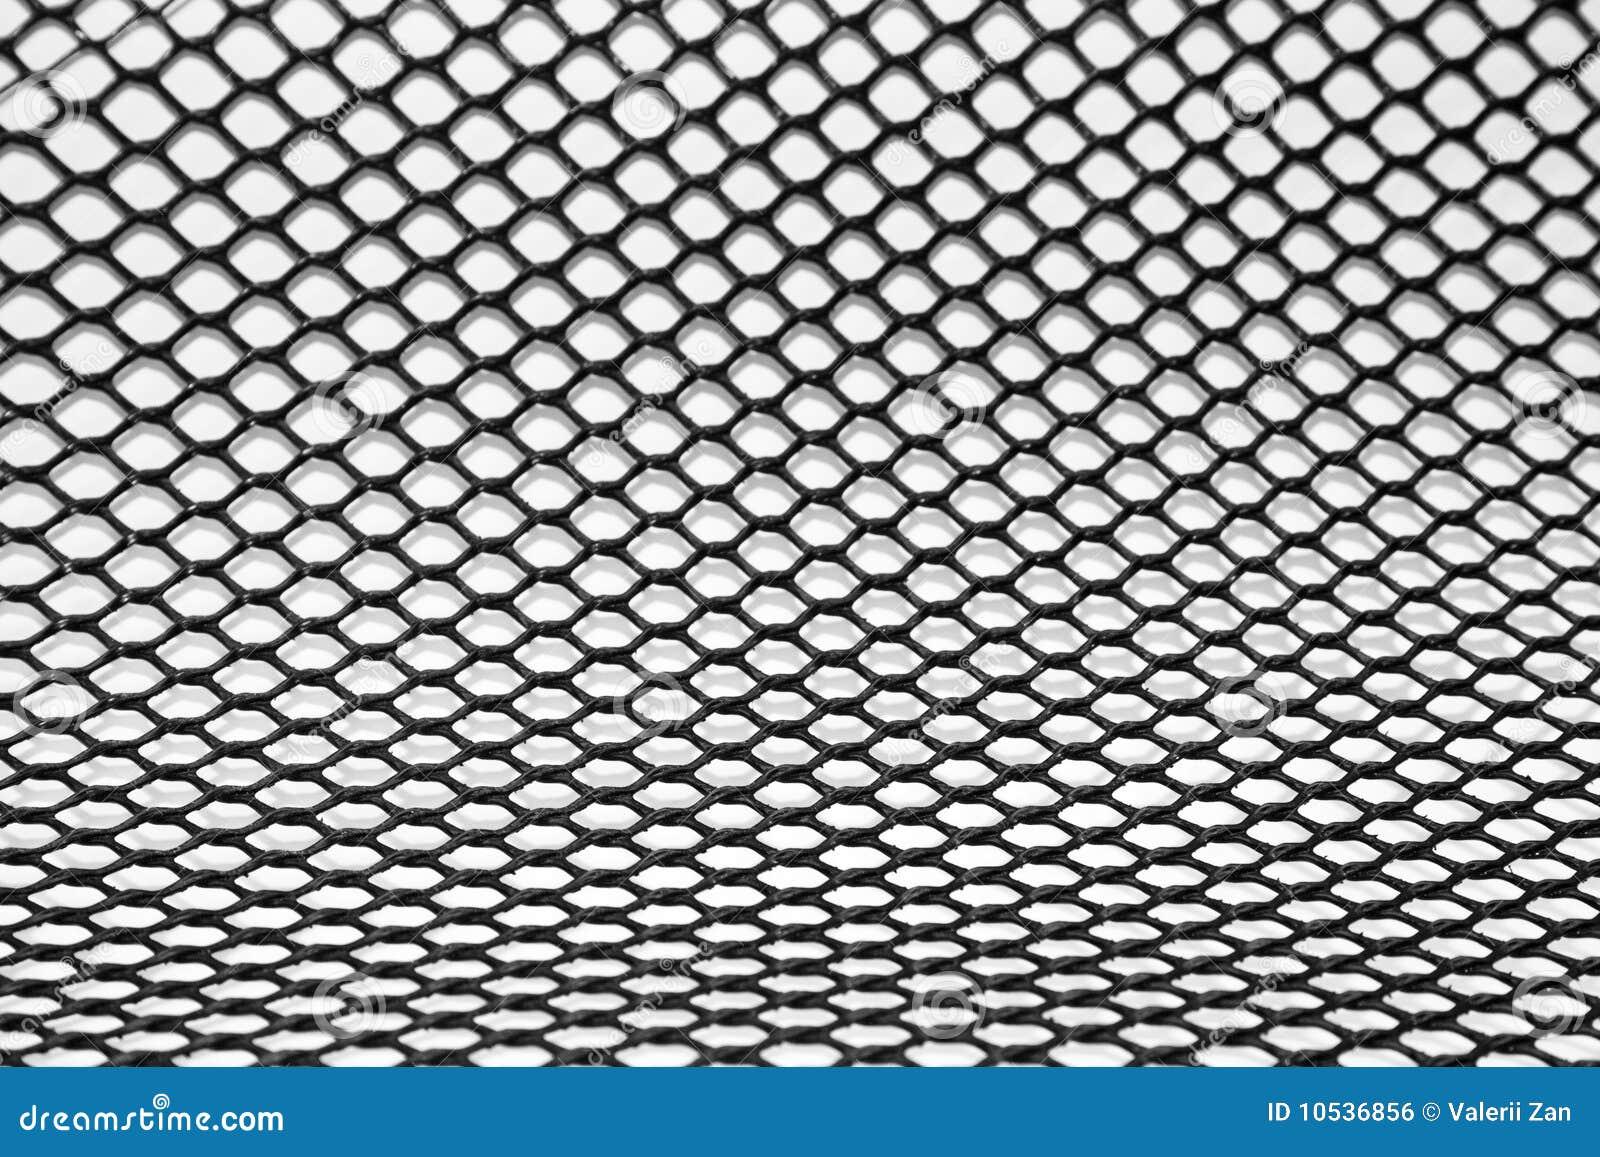 Netz Von Linien Stockfoto - Bild: 48197472